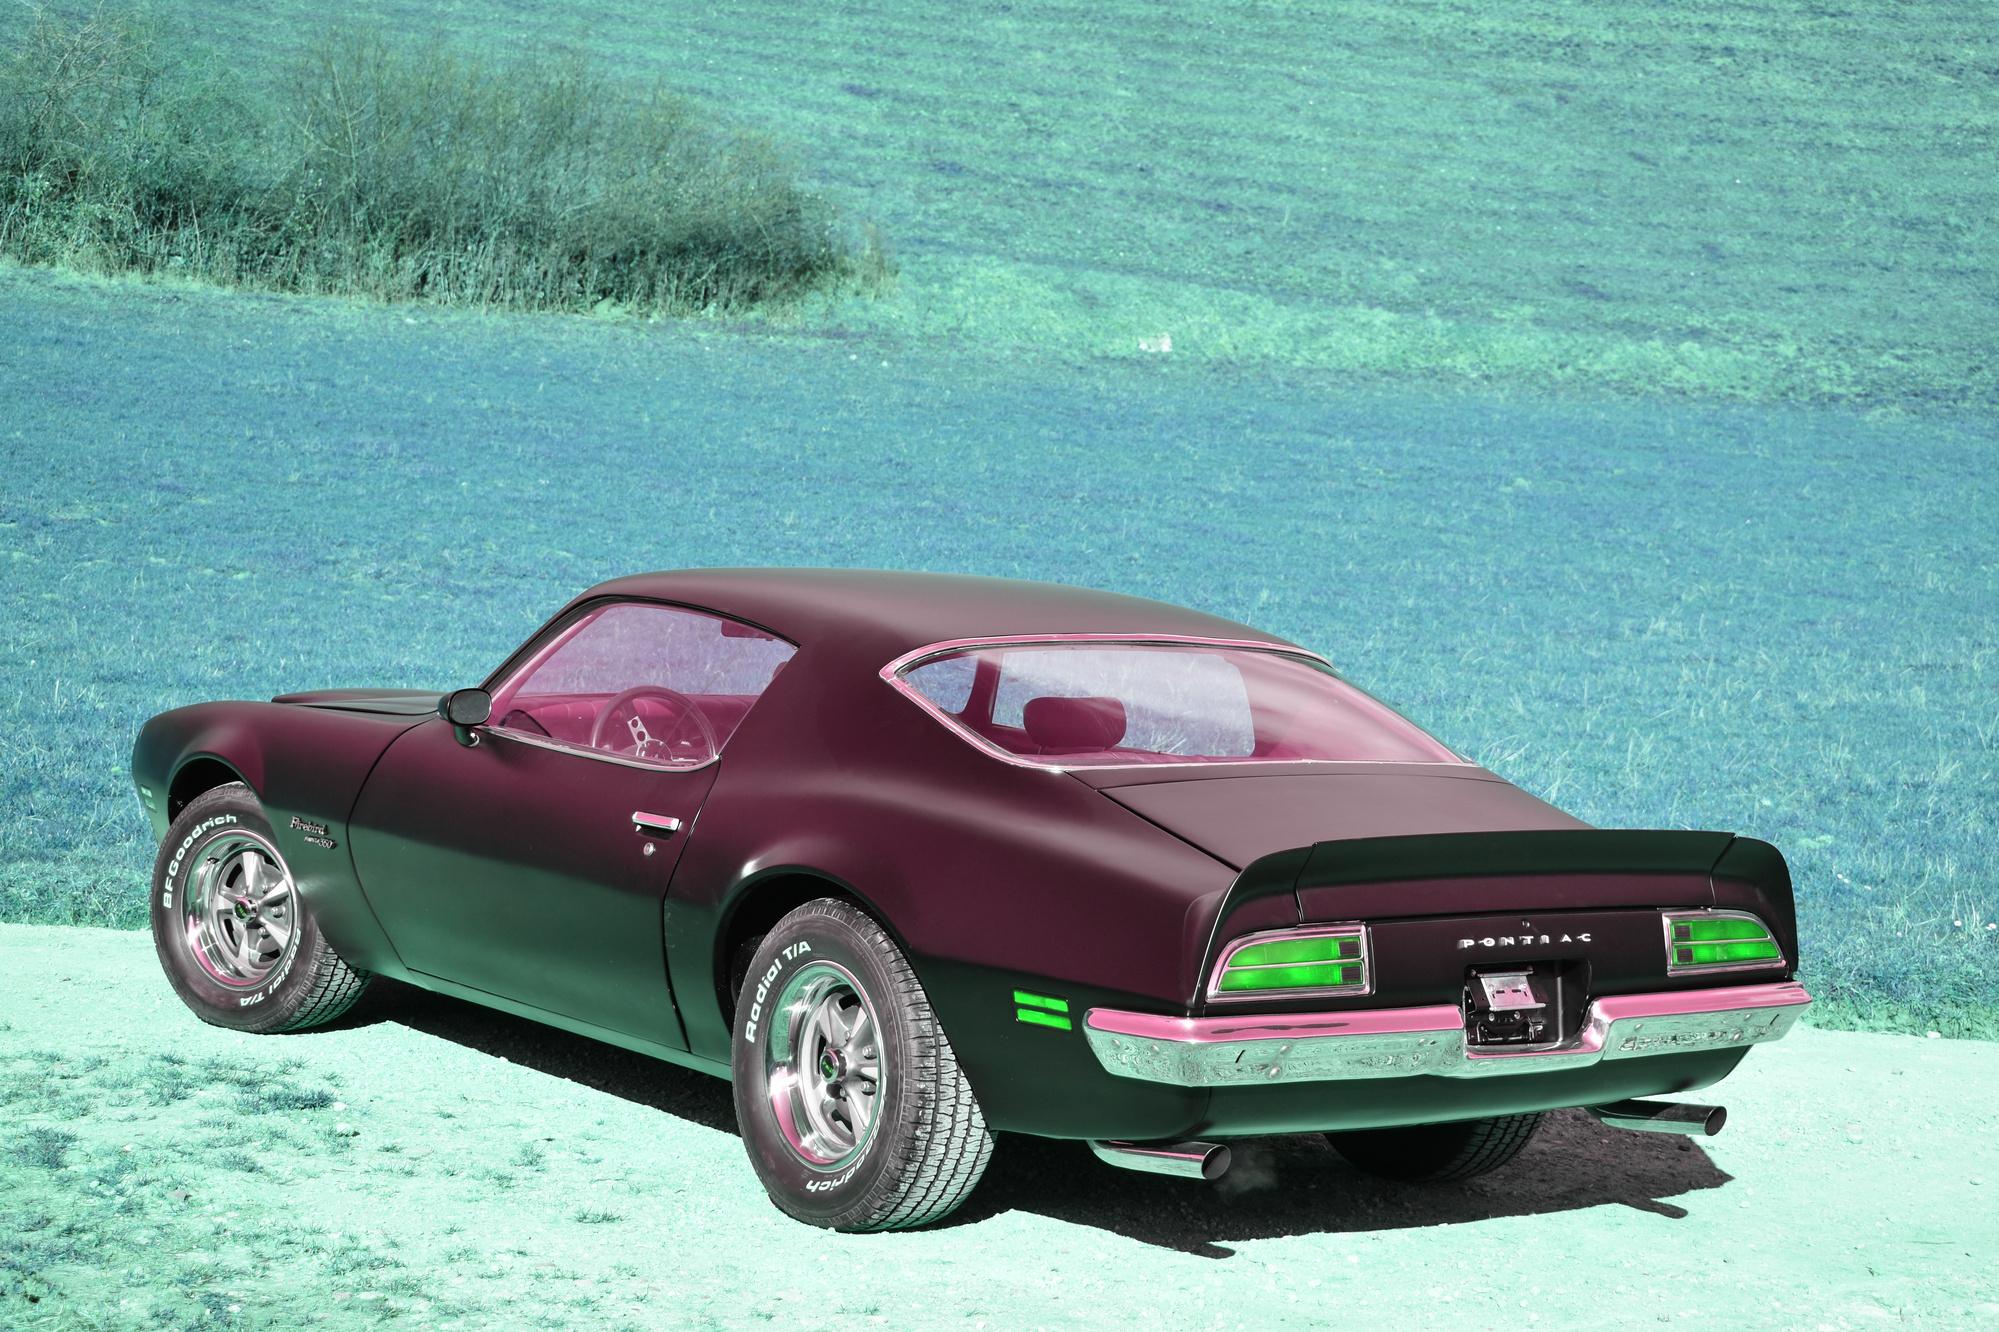 Mattschwarzer 1970 Pontiac Firebird Esprit Formula 350 5.7 Liter oldtimer in Dreiviertelansicht in grüner Wiese stehend